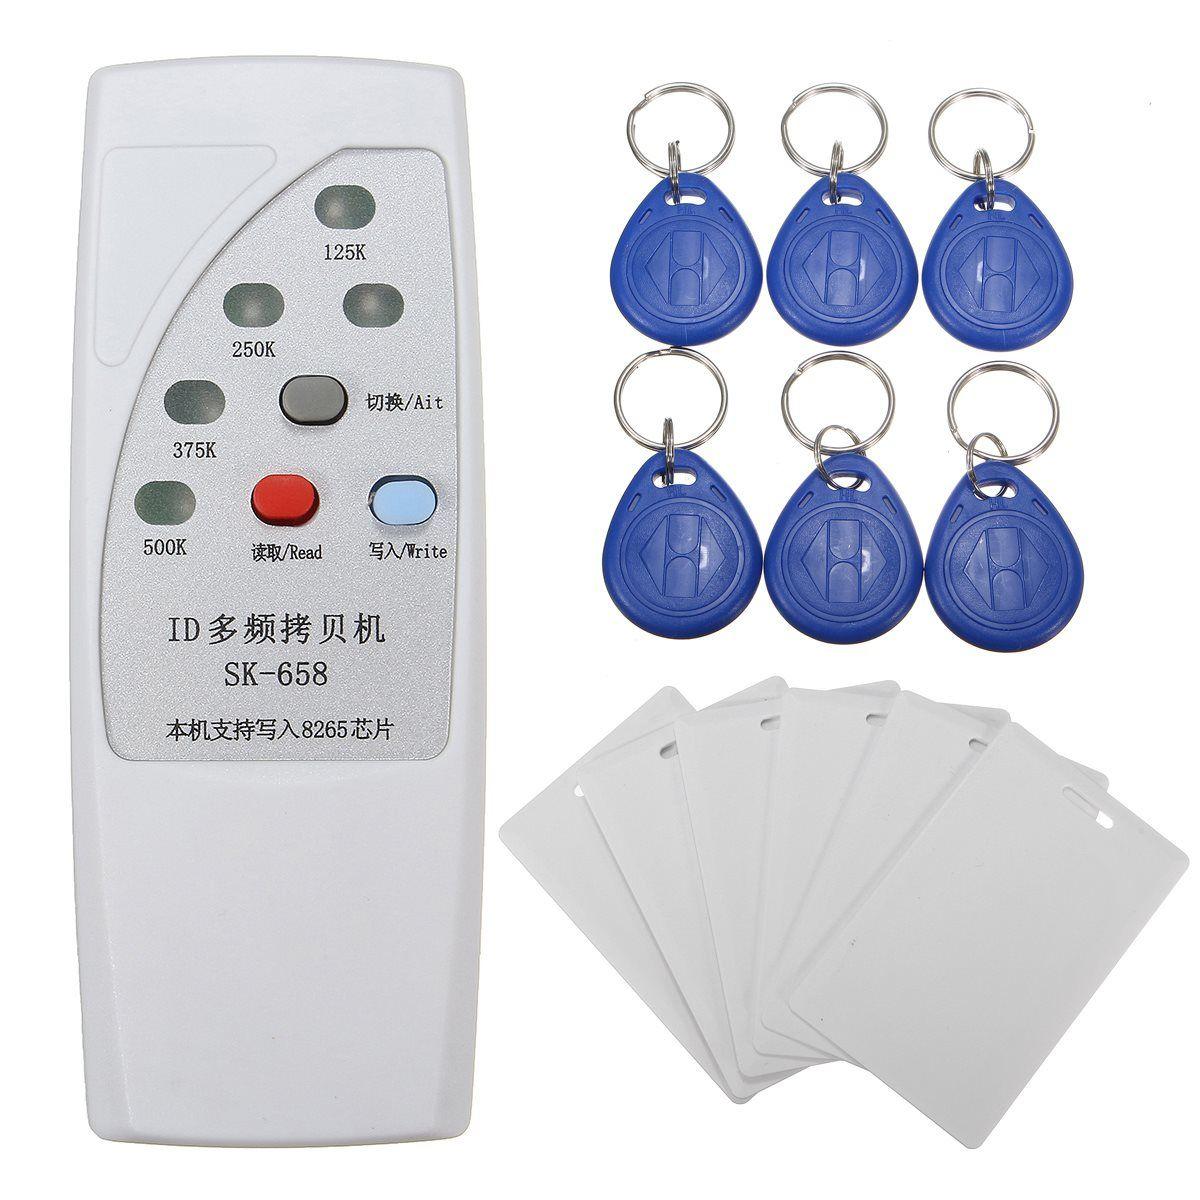 NUEVA Computadora De Mano 125 KHz RFID ID Card Duplicadora Programador Lector Escritor Copiadora Duplicadora + 6 Unids Tarjetas 6 PcsTags Kit